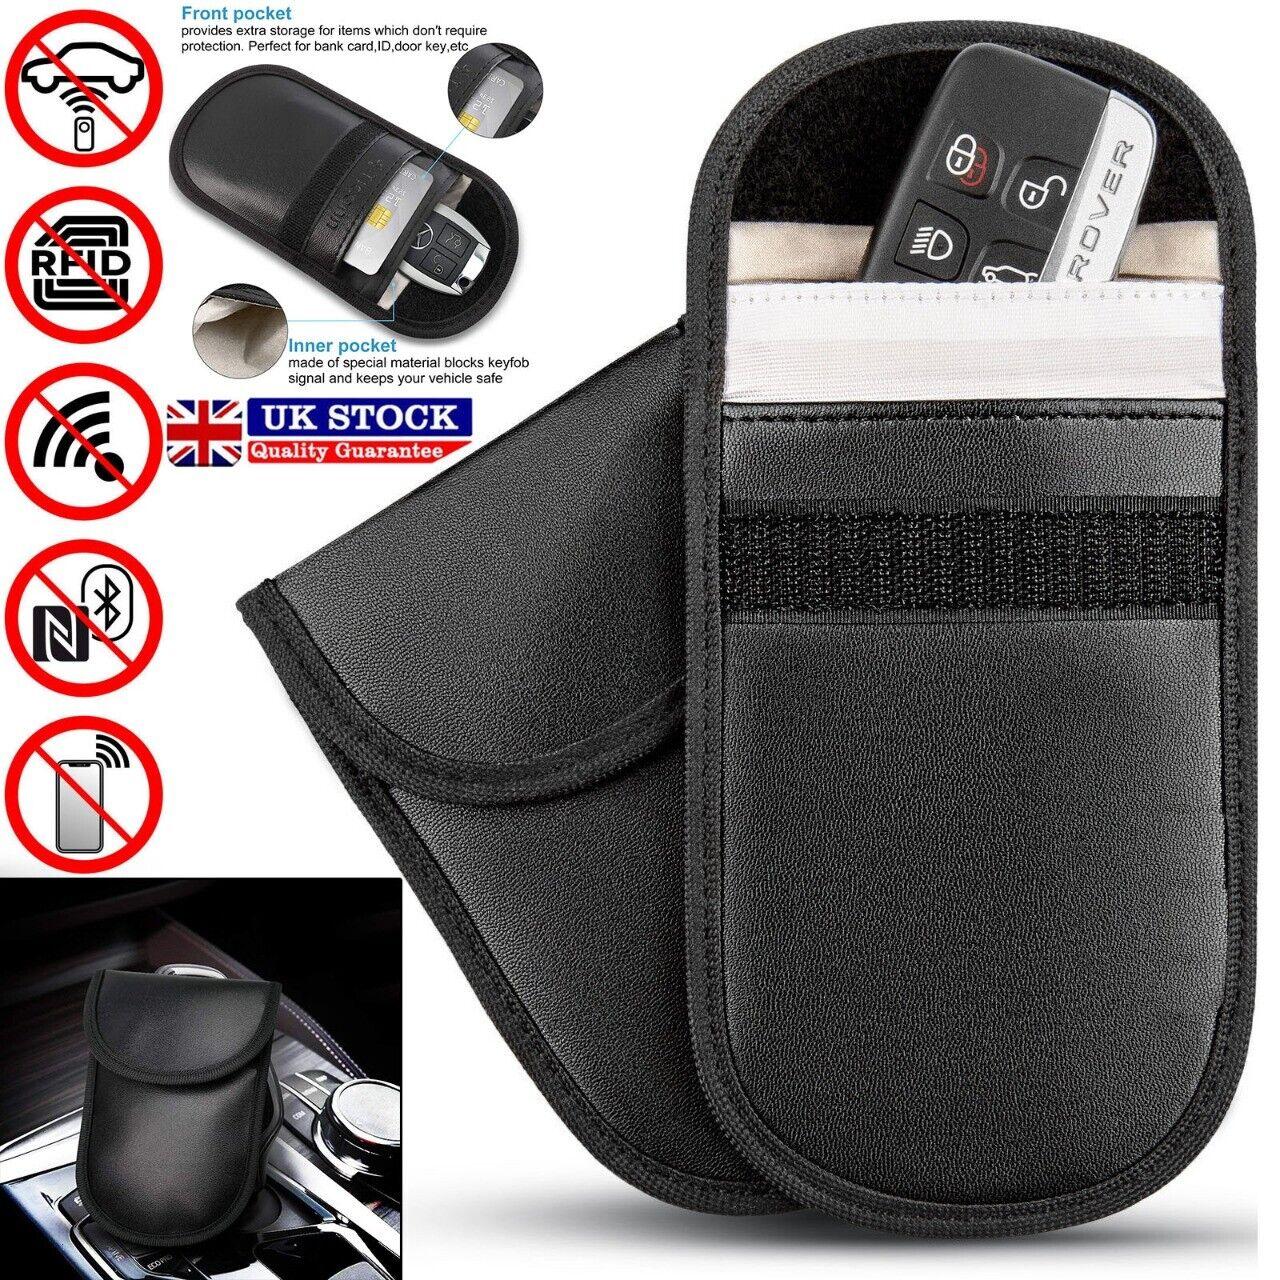 2 x Car Key Signal Blocker Case Faraday Cage Fob Pouch Keyless RFID Blocking Bag 2